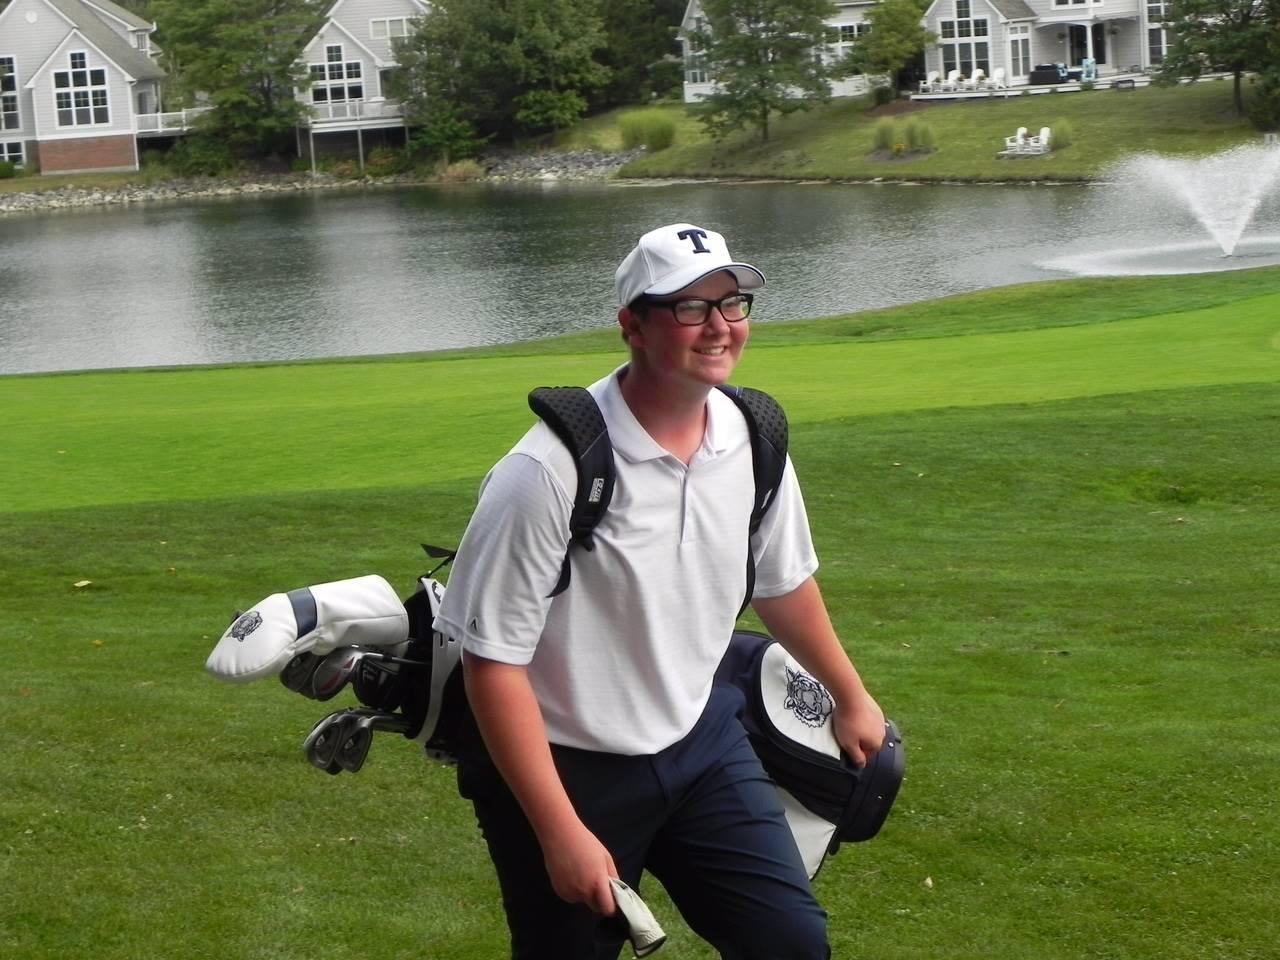 Golfer walking to shot